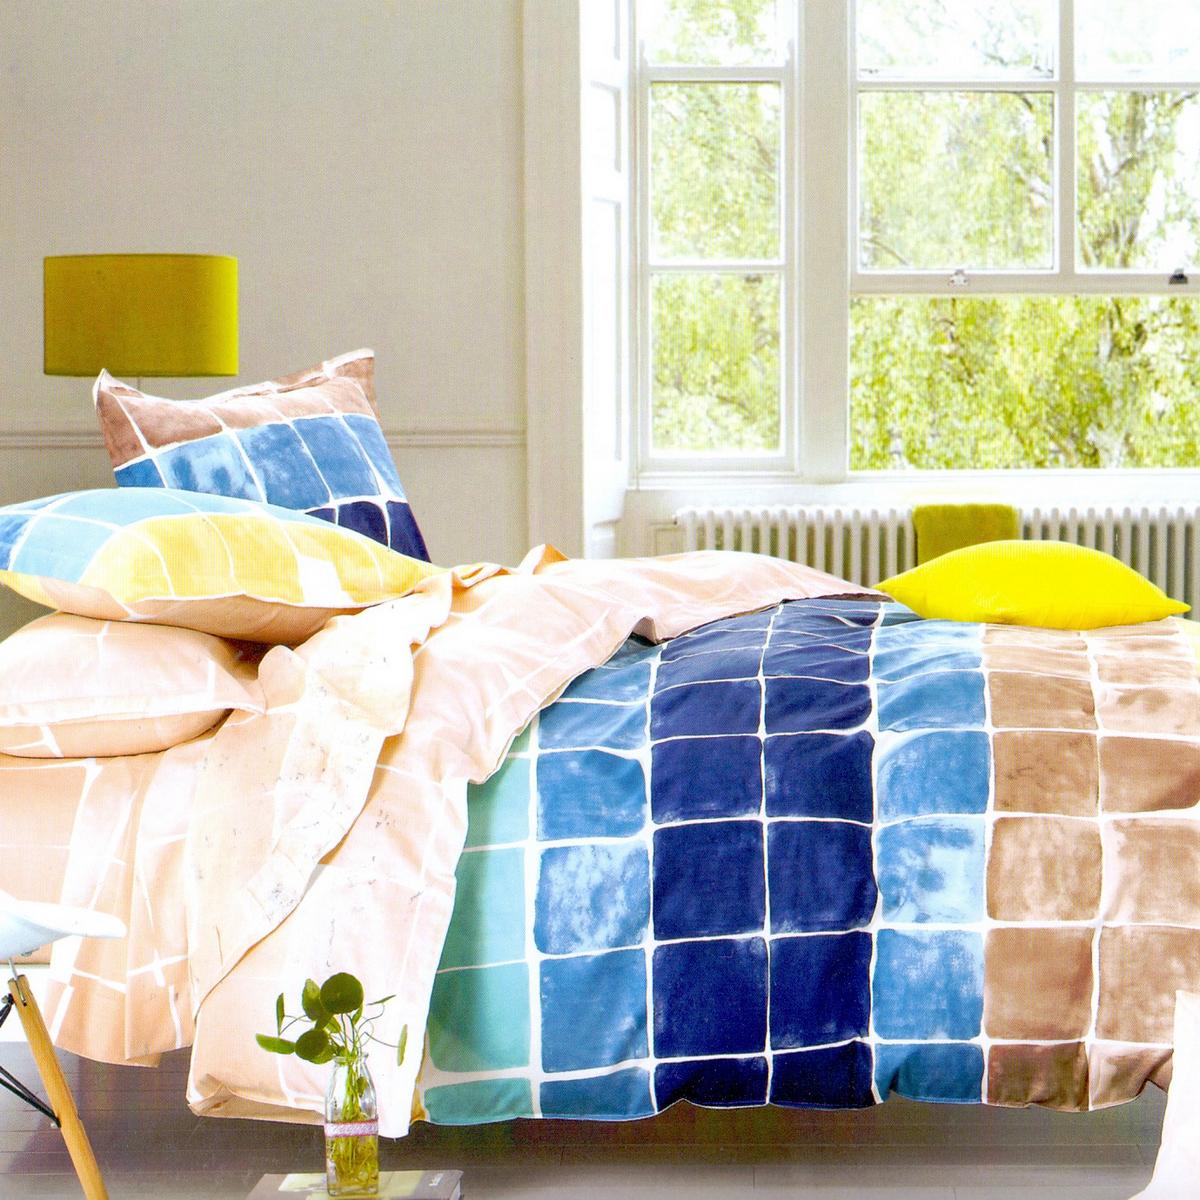 Постельное белье Arya Постельное белье Сильвия (2 сп. евро) постельное белье arya постельное белье sorbe цвет голубой 2 сп евро